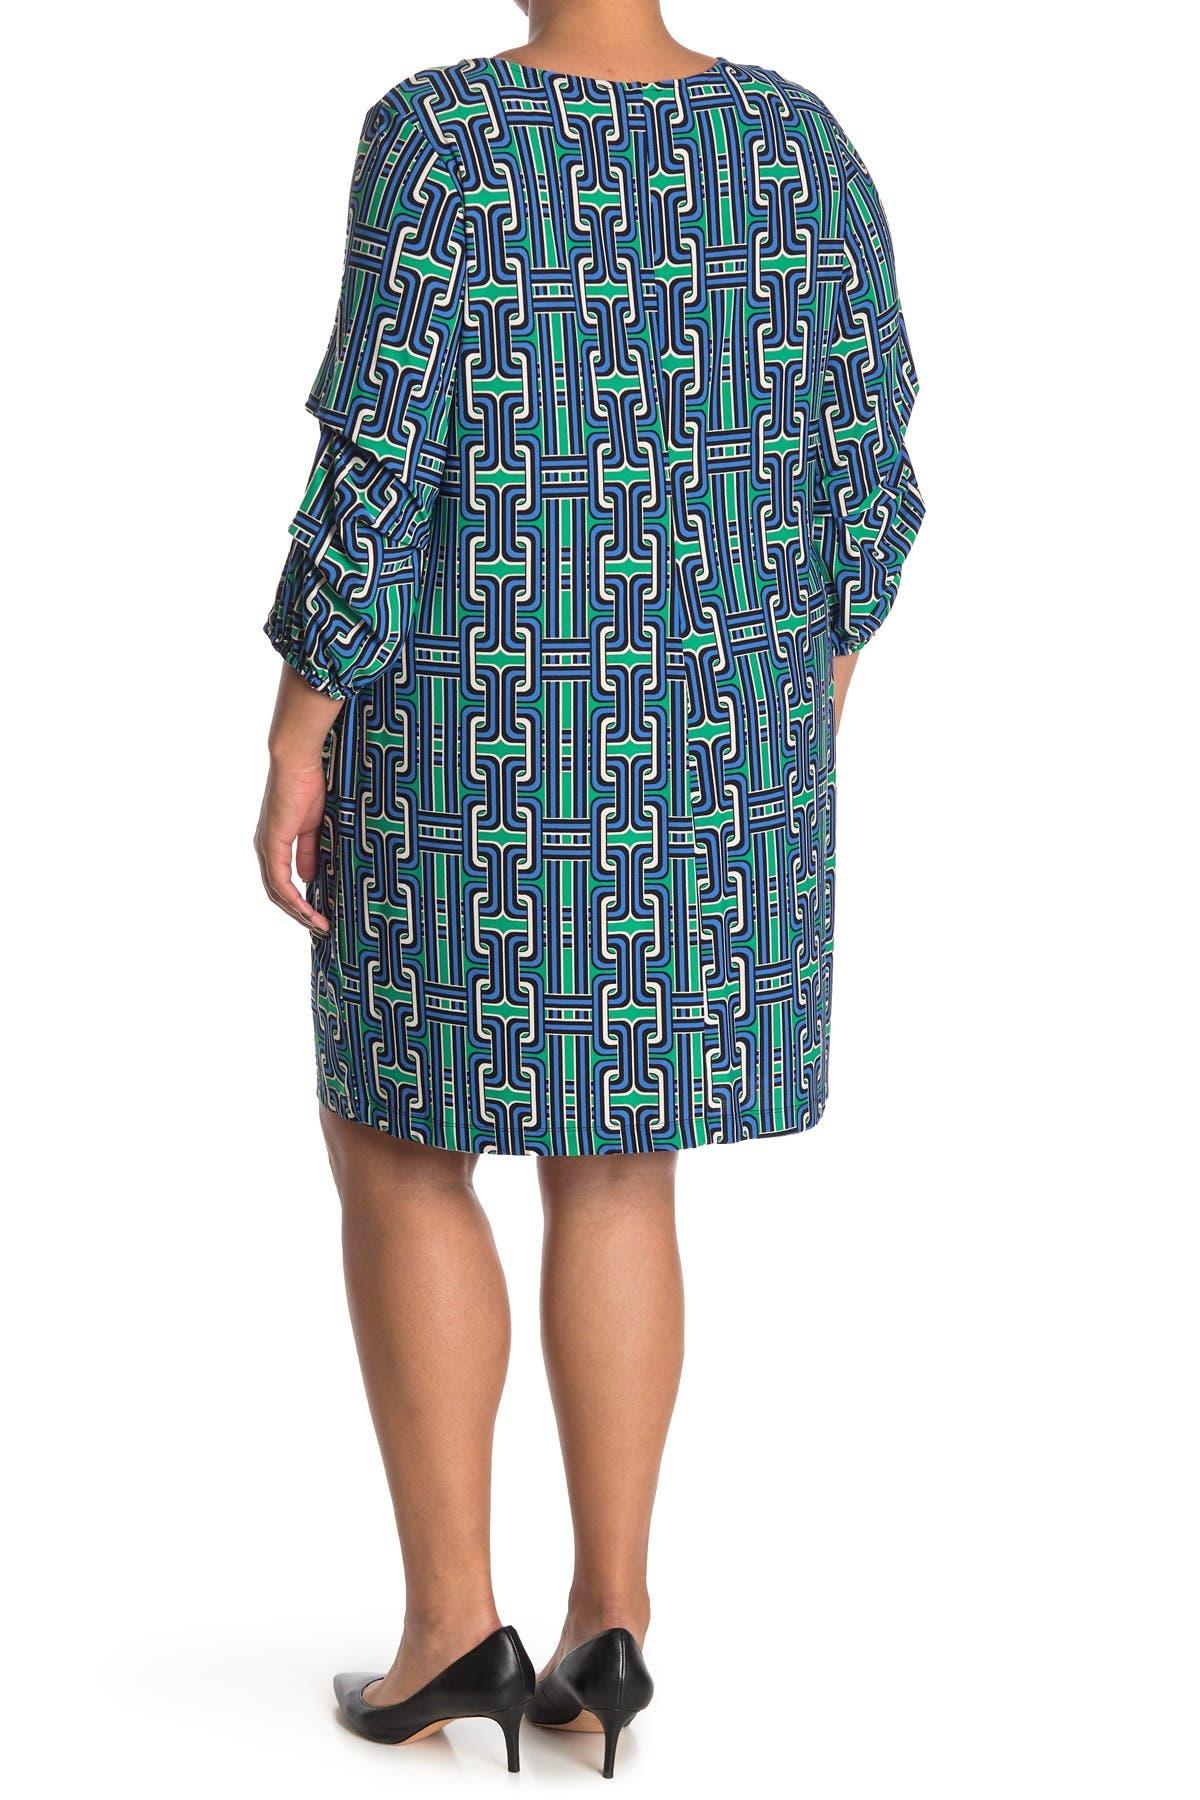 Image of TASH + SOPHIE Gathered Sleeve Shift Dress